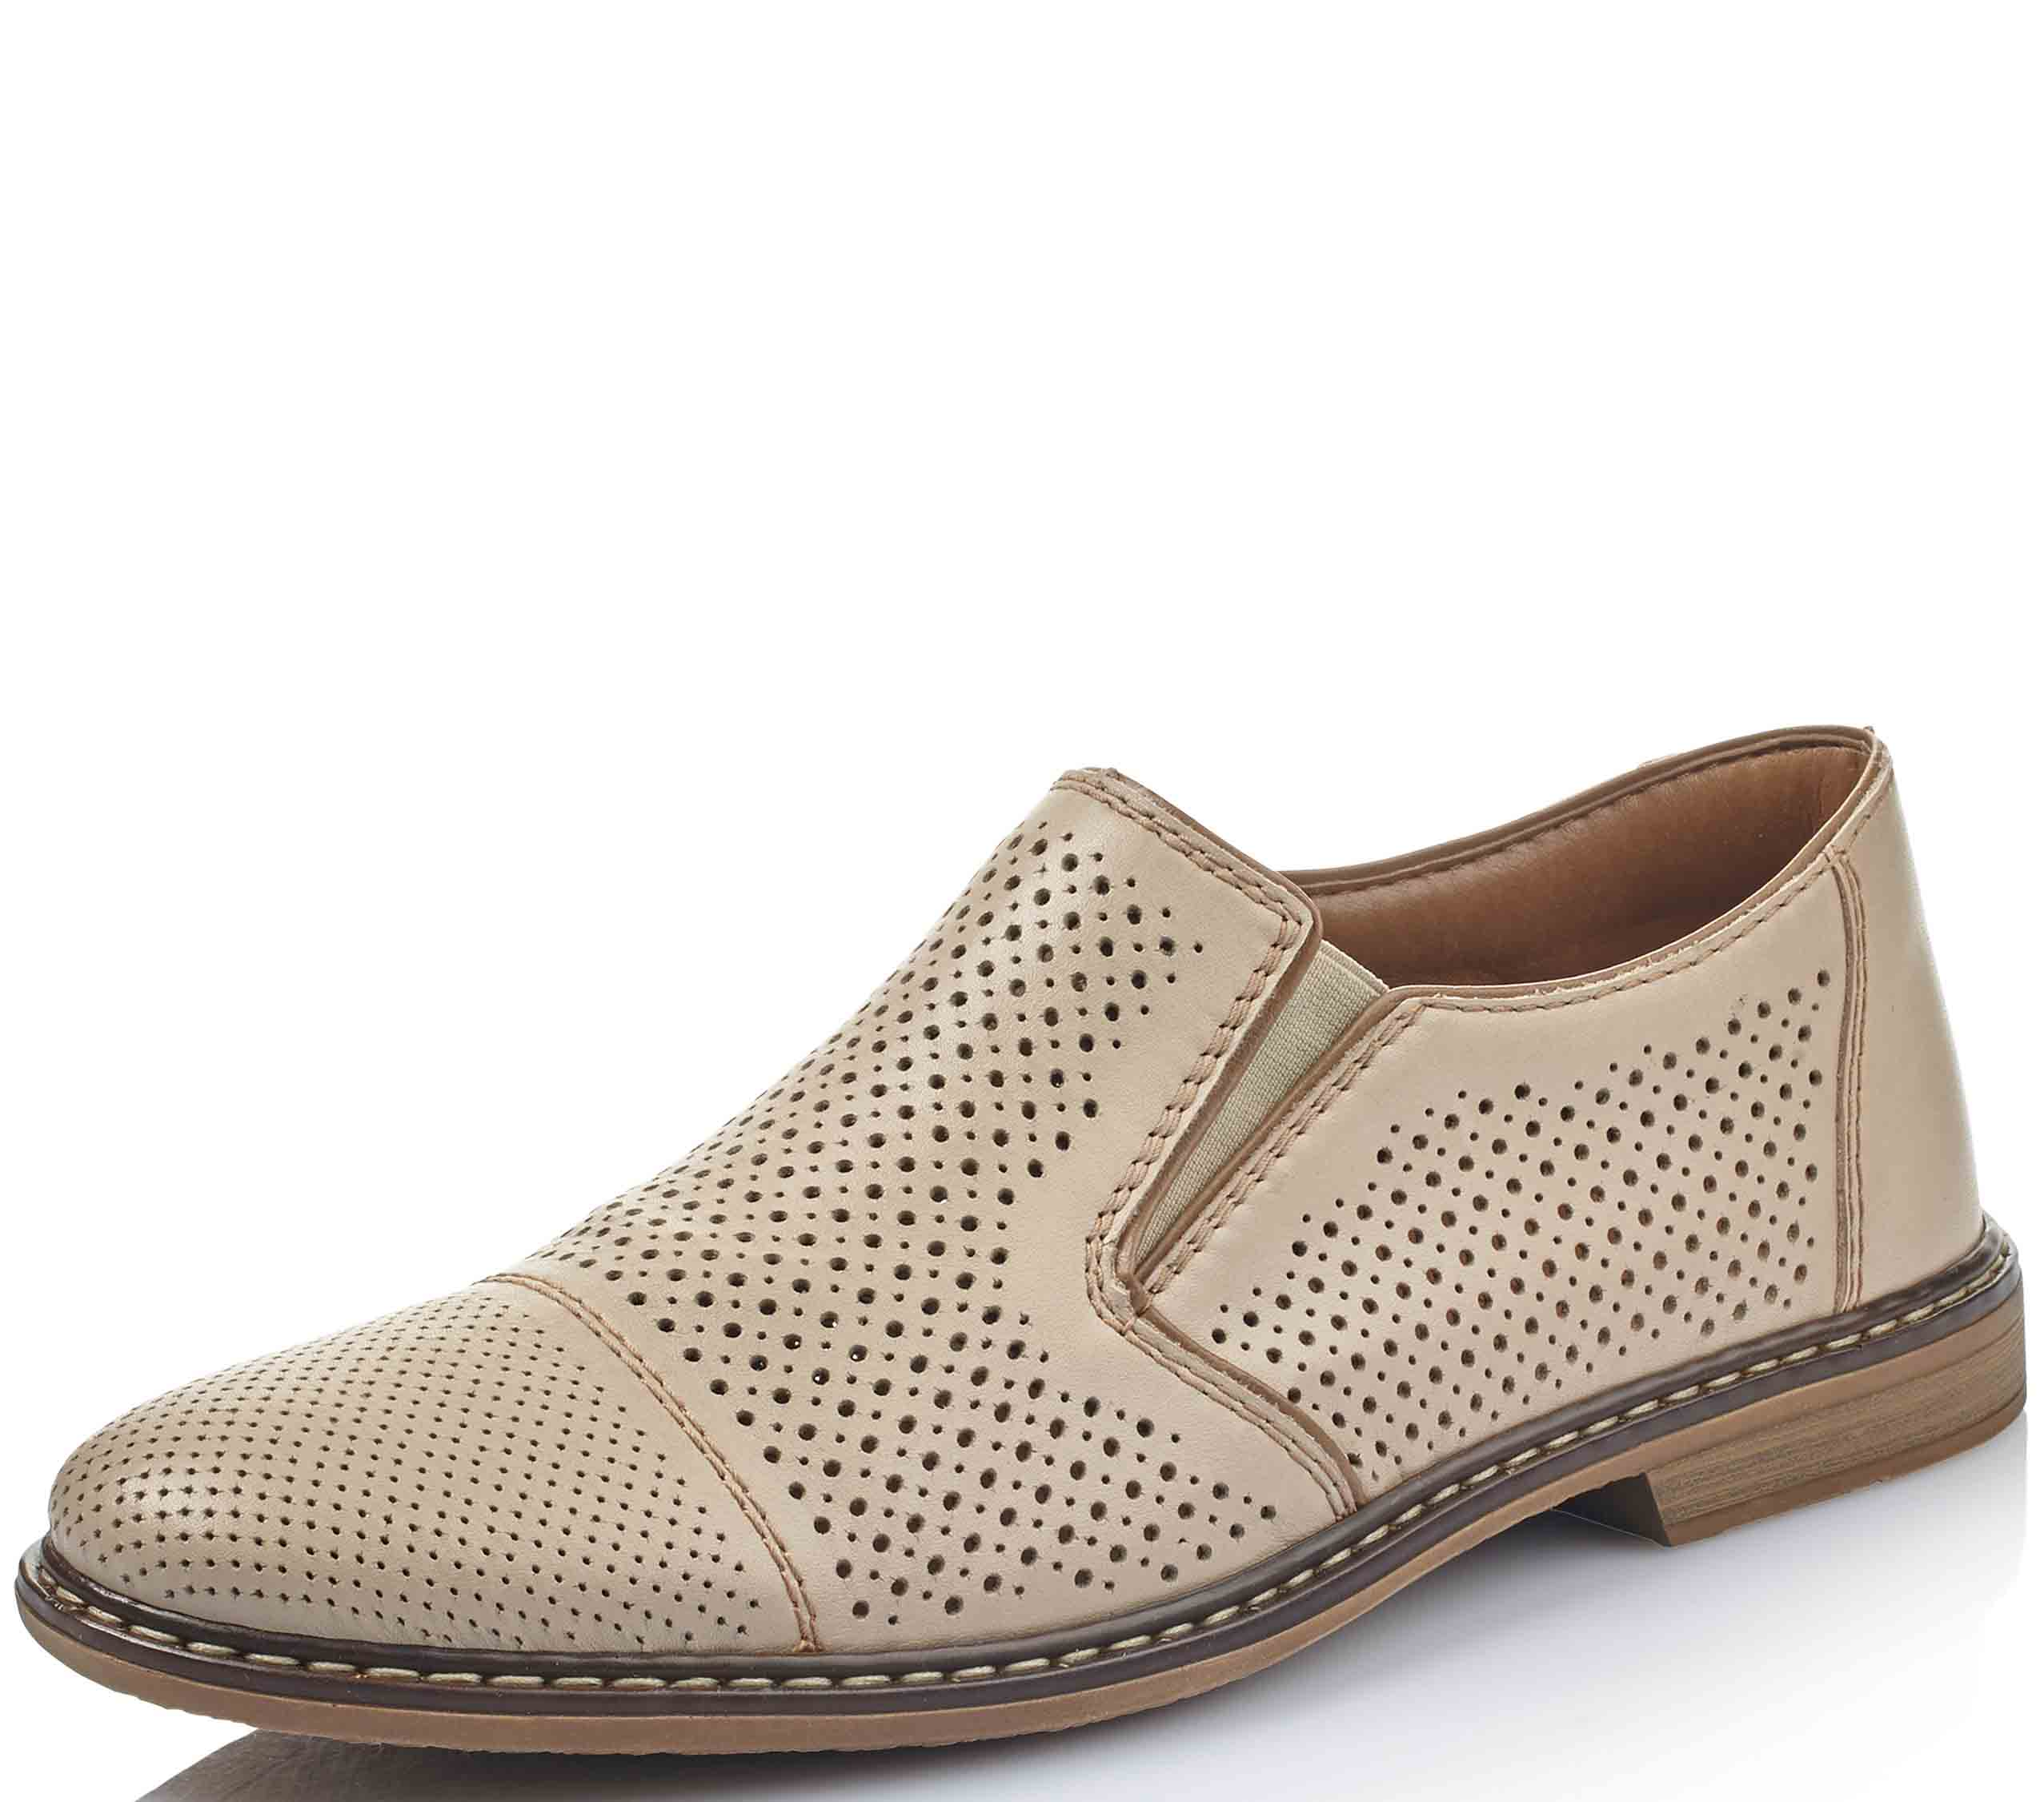 13486/60 Полуботинки мужские Rieker|Повседневная обувь|   | АлиЭкспресс